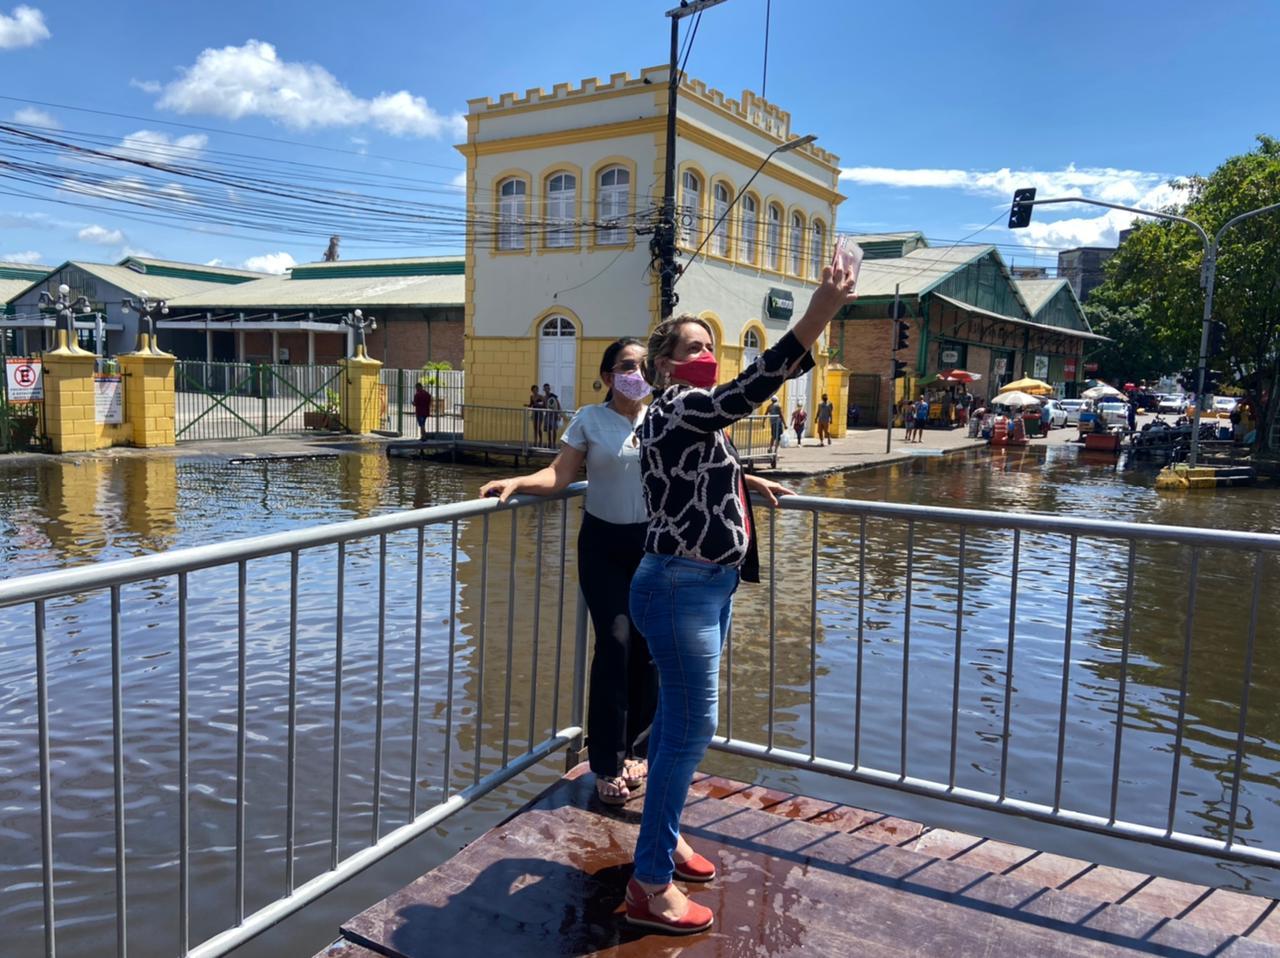 Cheia transformou-se em ponto turístico na capital do Amazonas